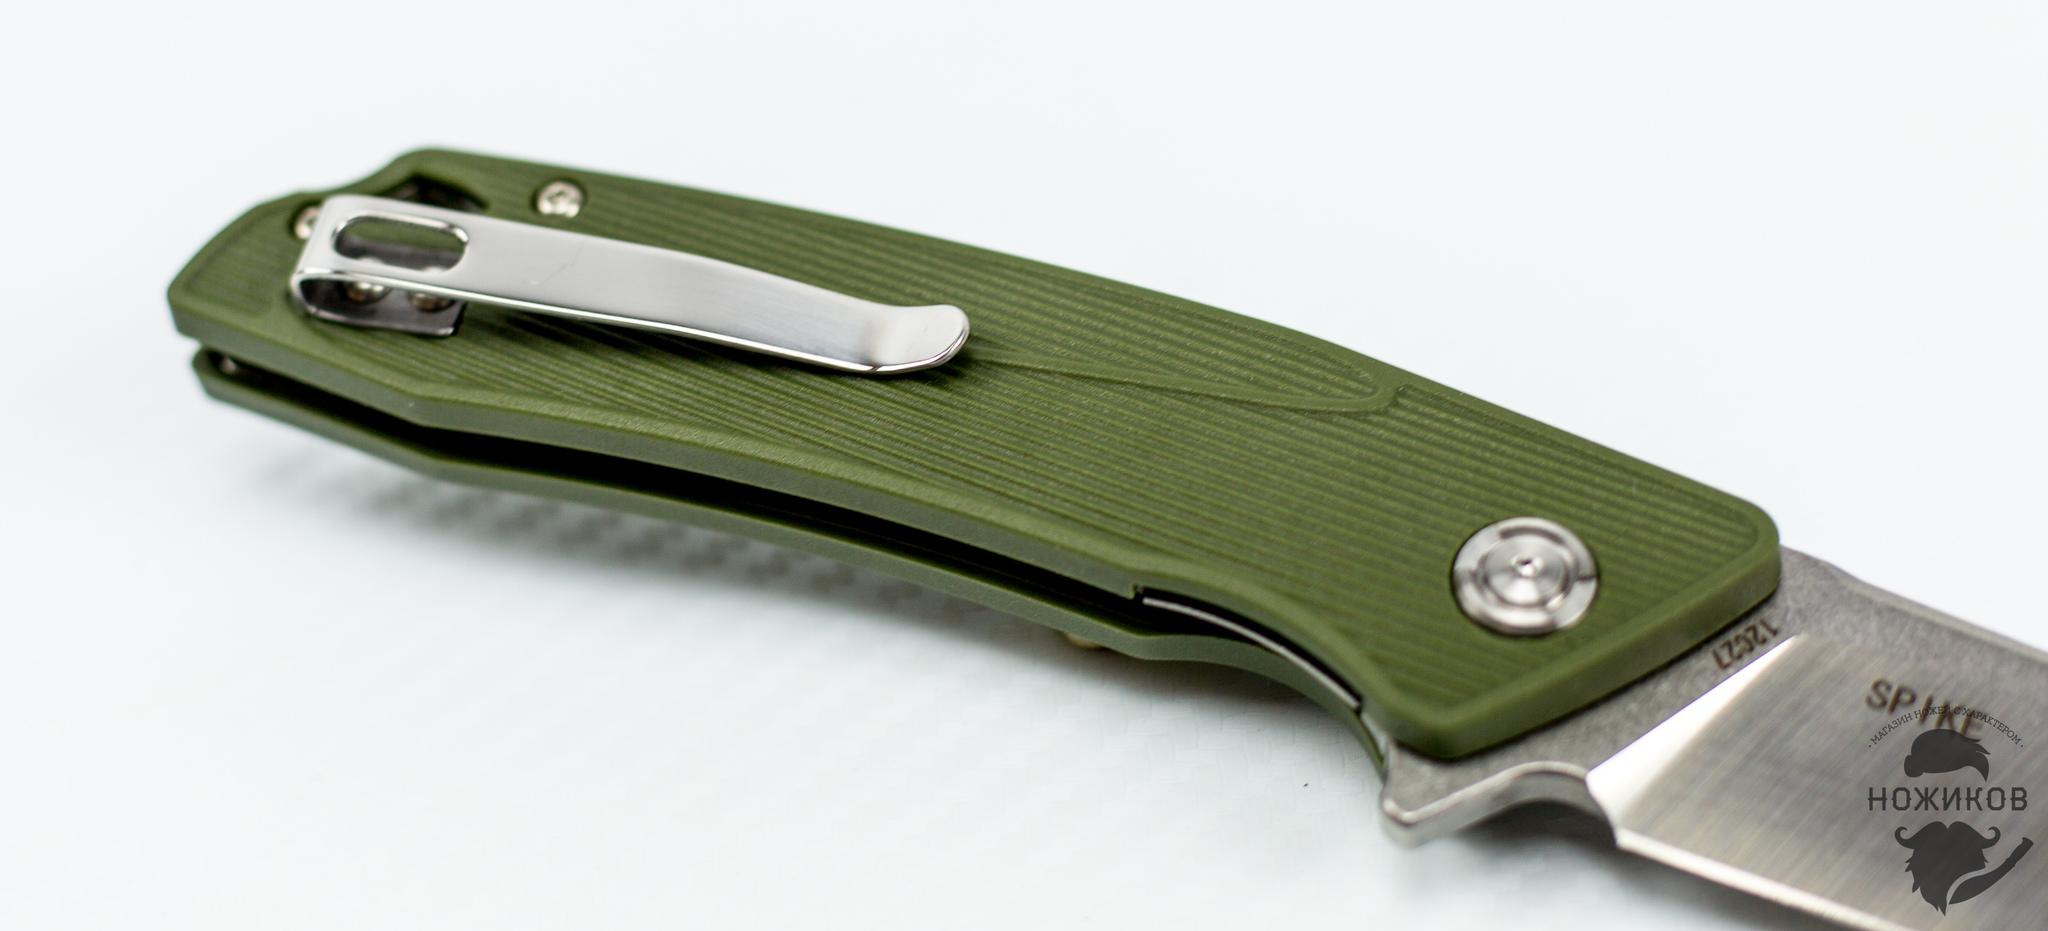 Фото 10 - Складной нож Bestech Spike BG09B-2, сталь Sandvik 12C27 от Bestech Knives